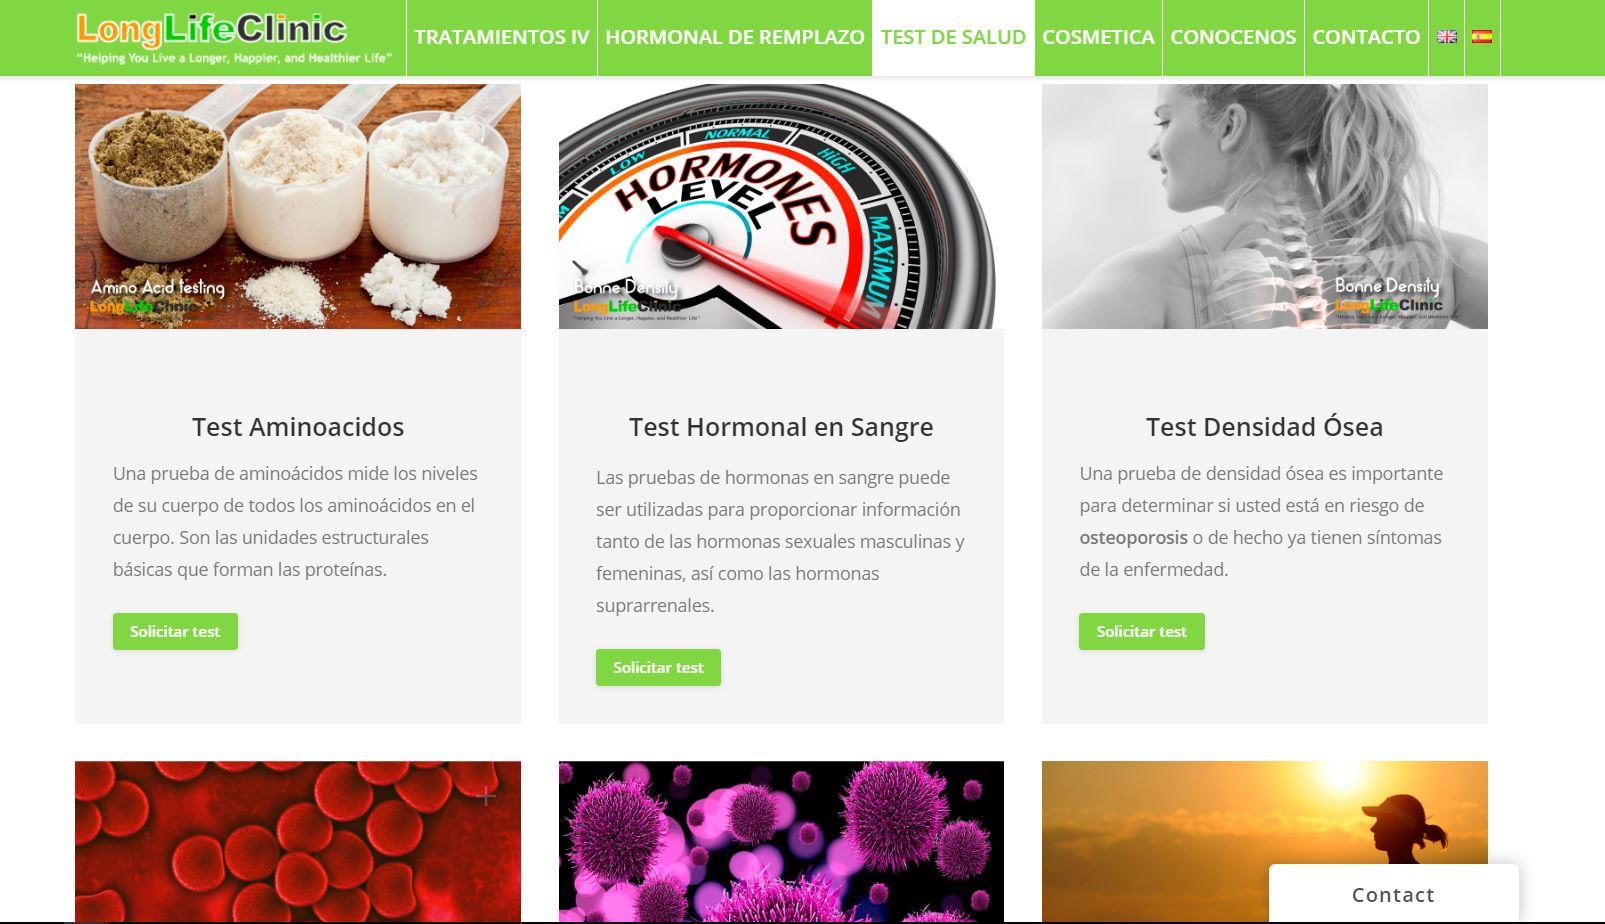 longlifeclinic-desarrollo-web-y-estrategia-marketing-2